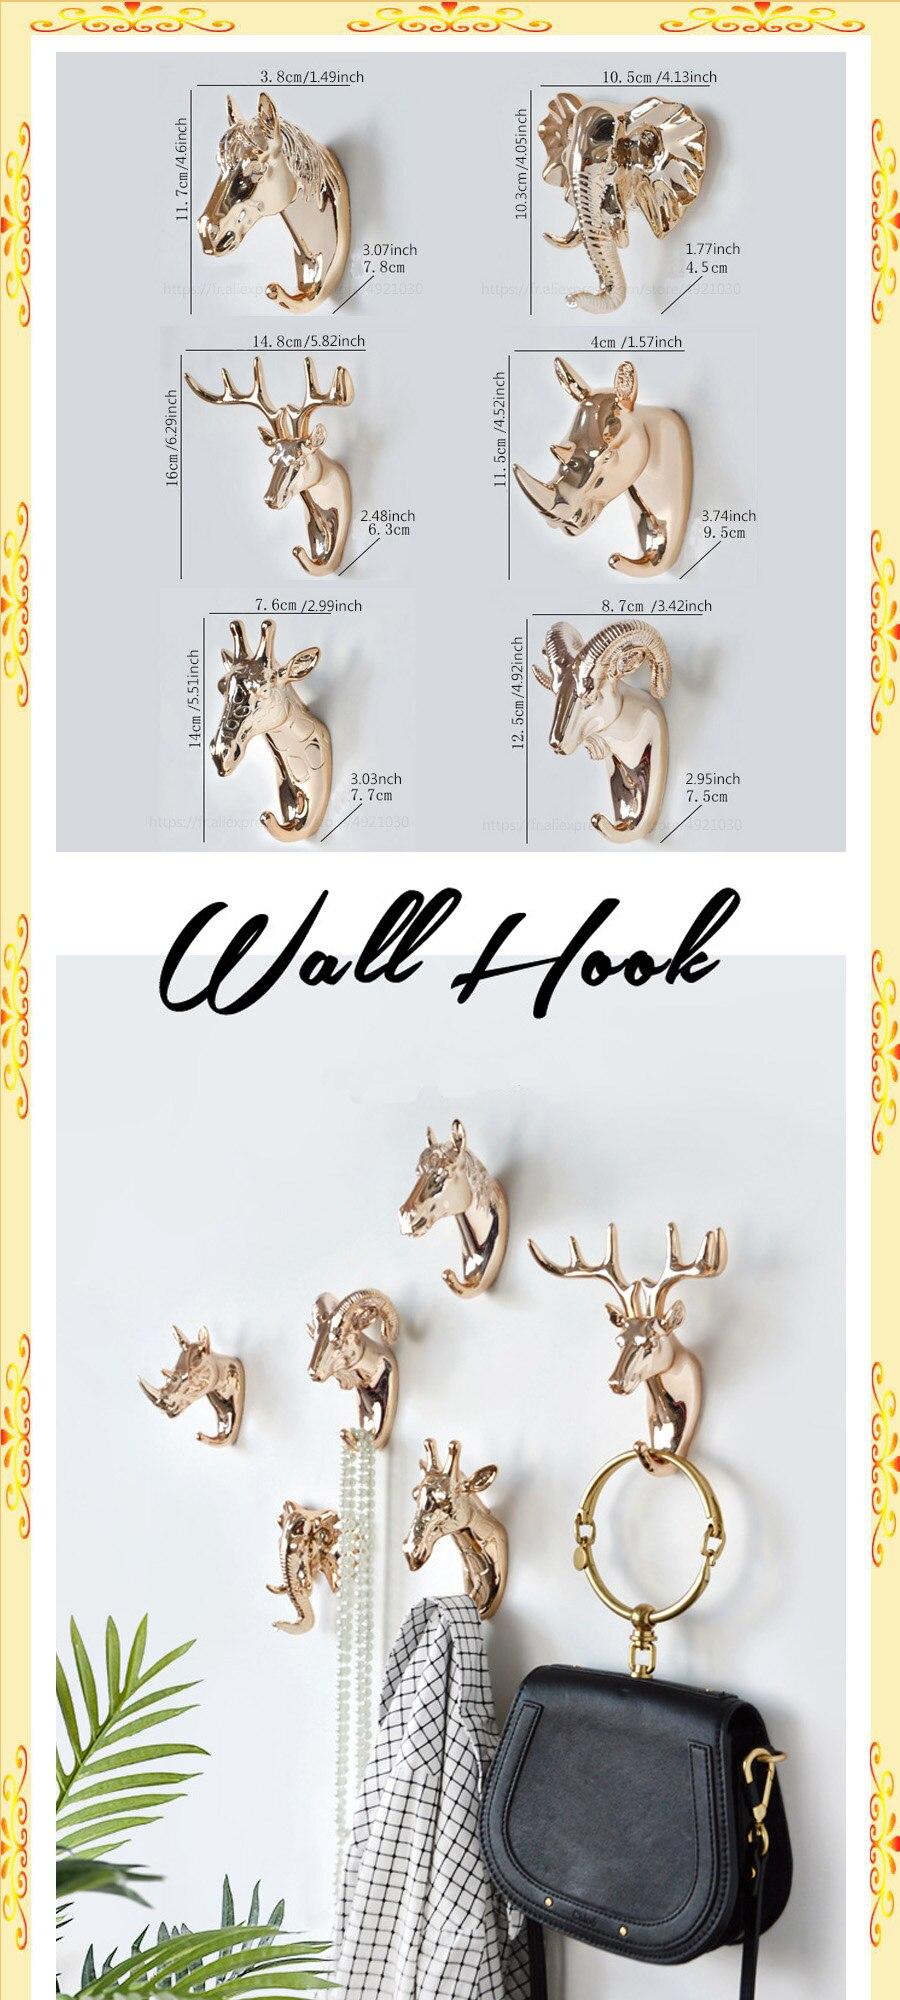 12 Types Animal Head Hook Coat Hanger Rack Wall Mount Home Decor Door Hanger